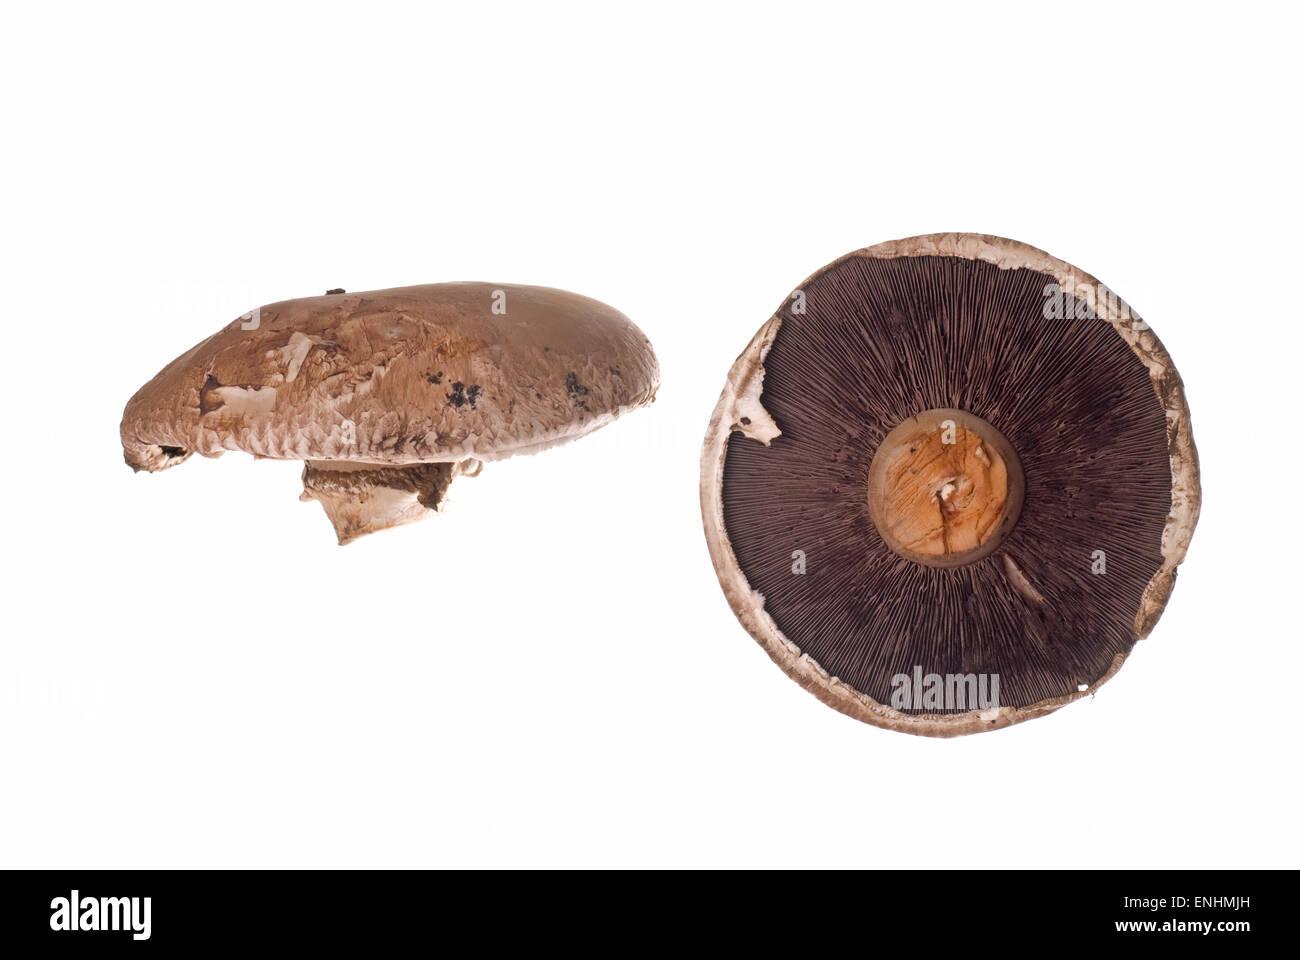 Mushroom on white background. - Stock Image